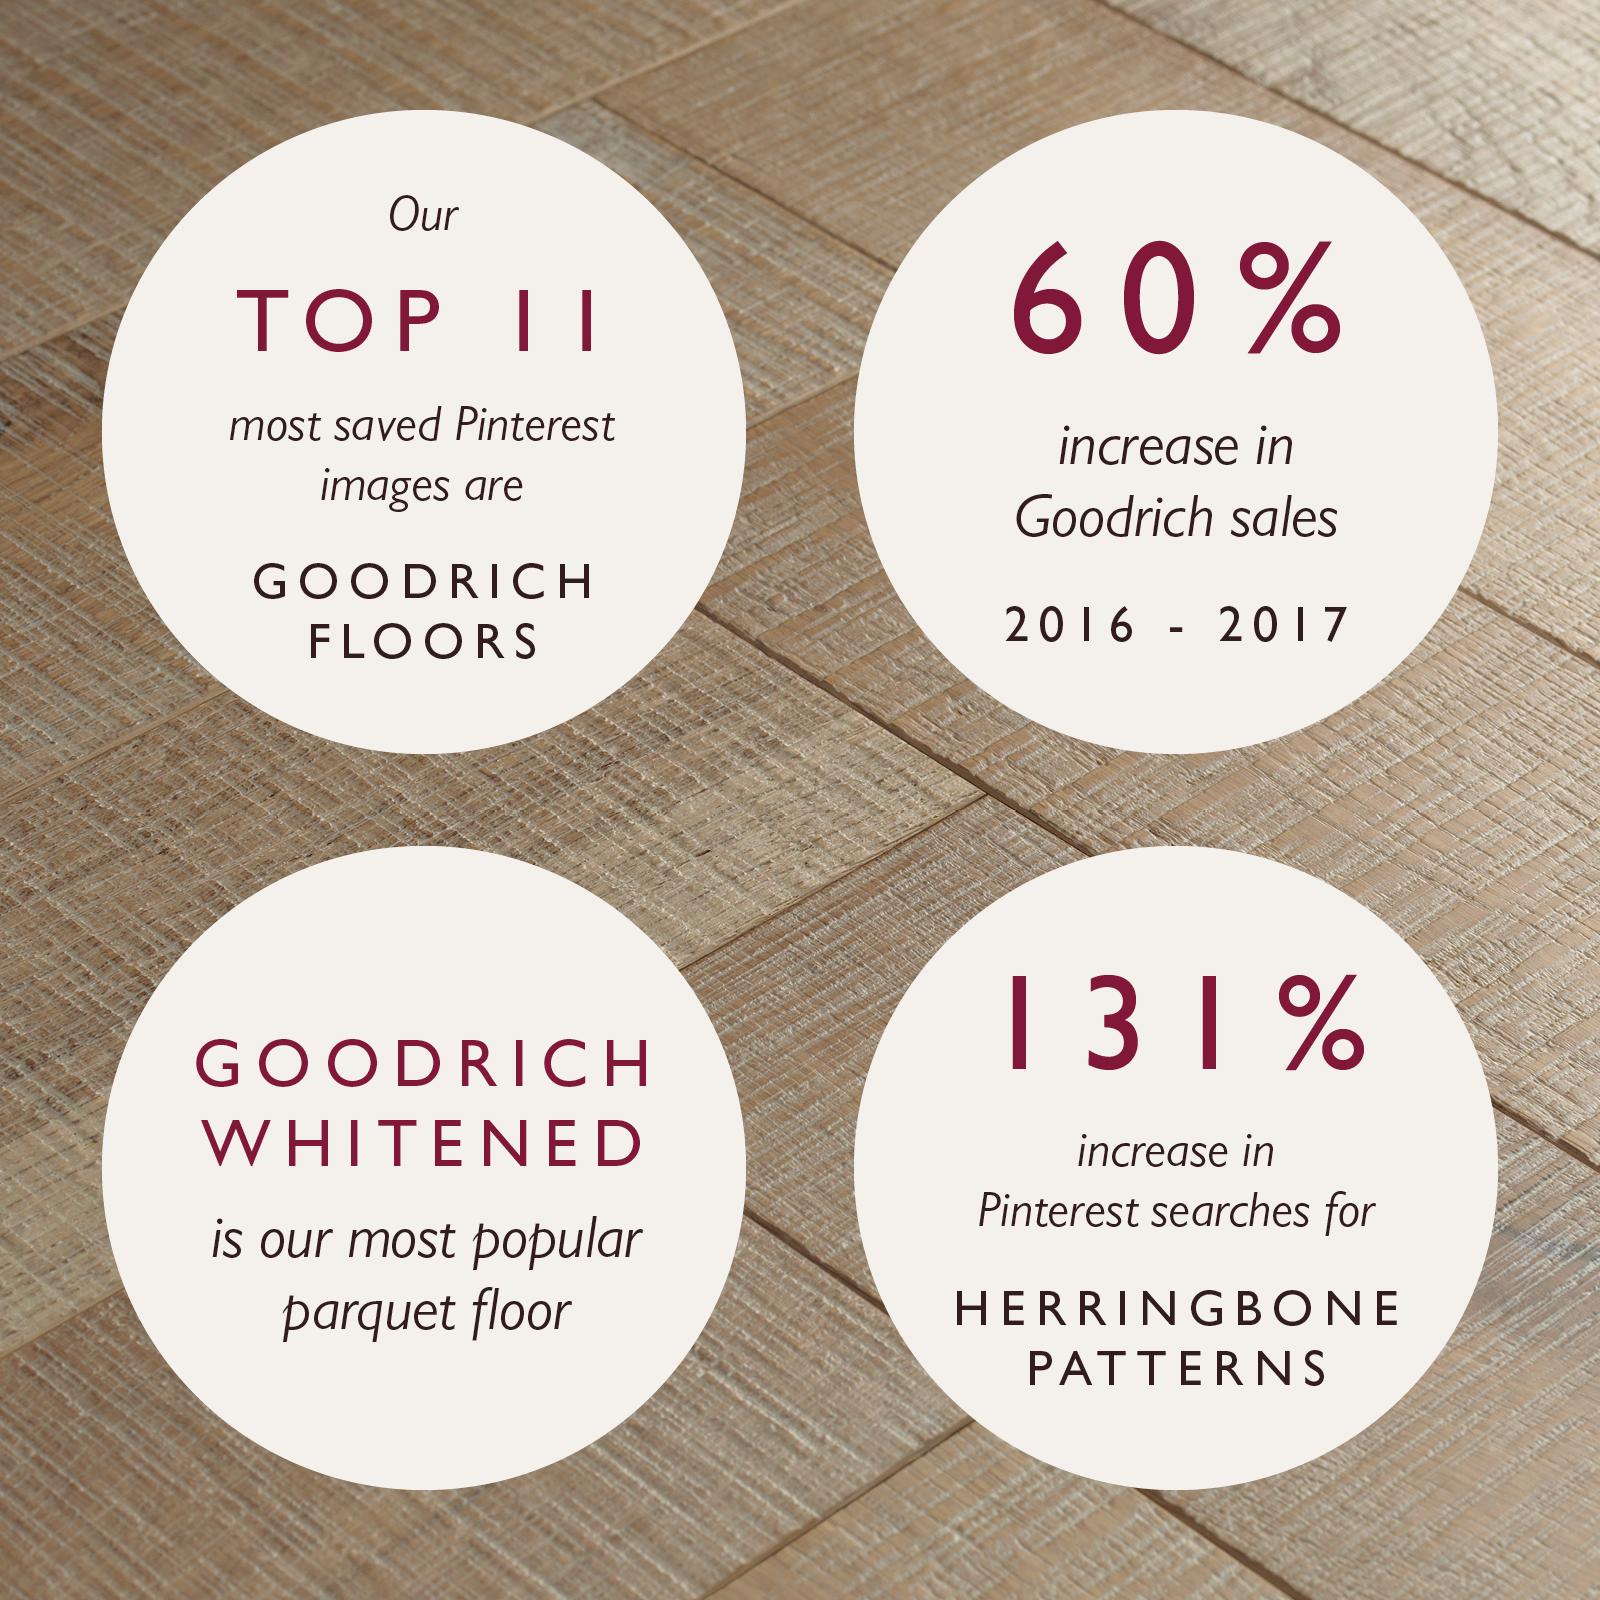 herringbone flooring trend statistics